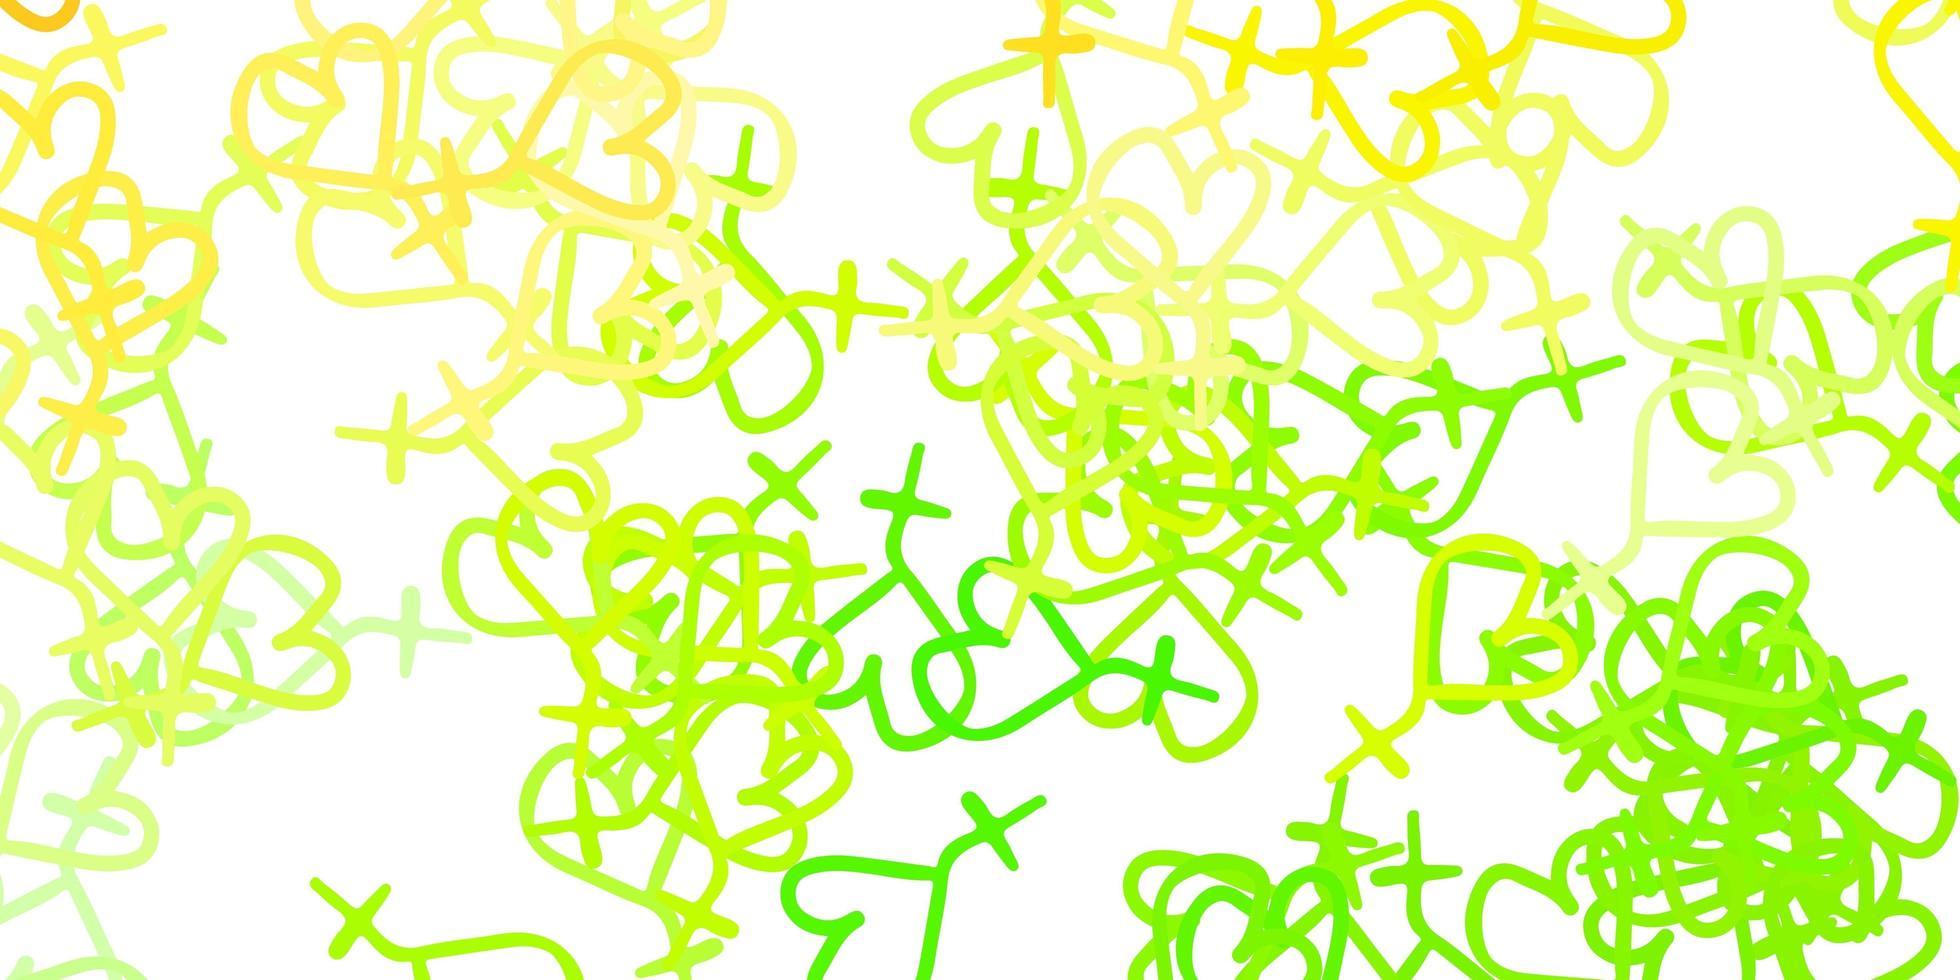 patrón verde y amarillo con elementos feministas. vector